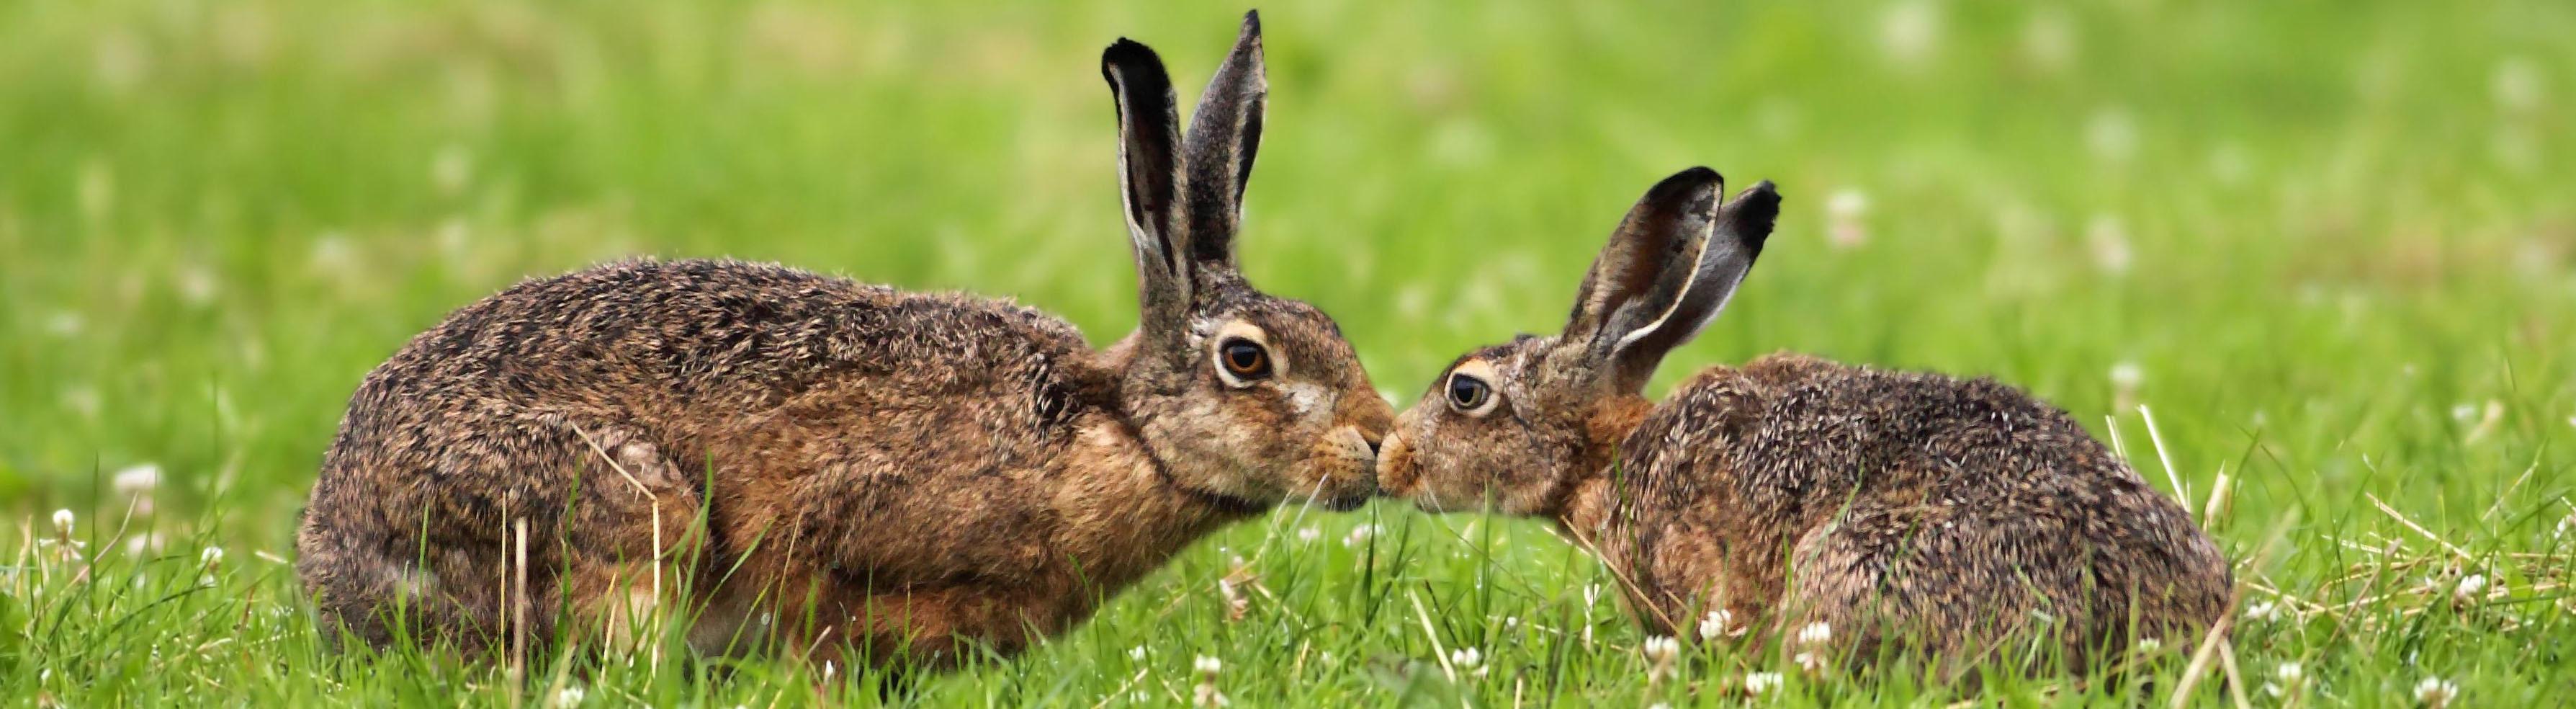 Zewi Hasen auf einer grünen Wiese, die ihre Nasen aneinander drücken.